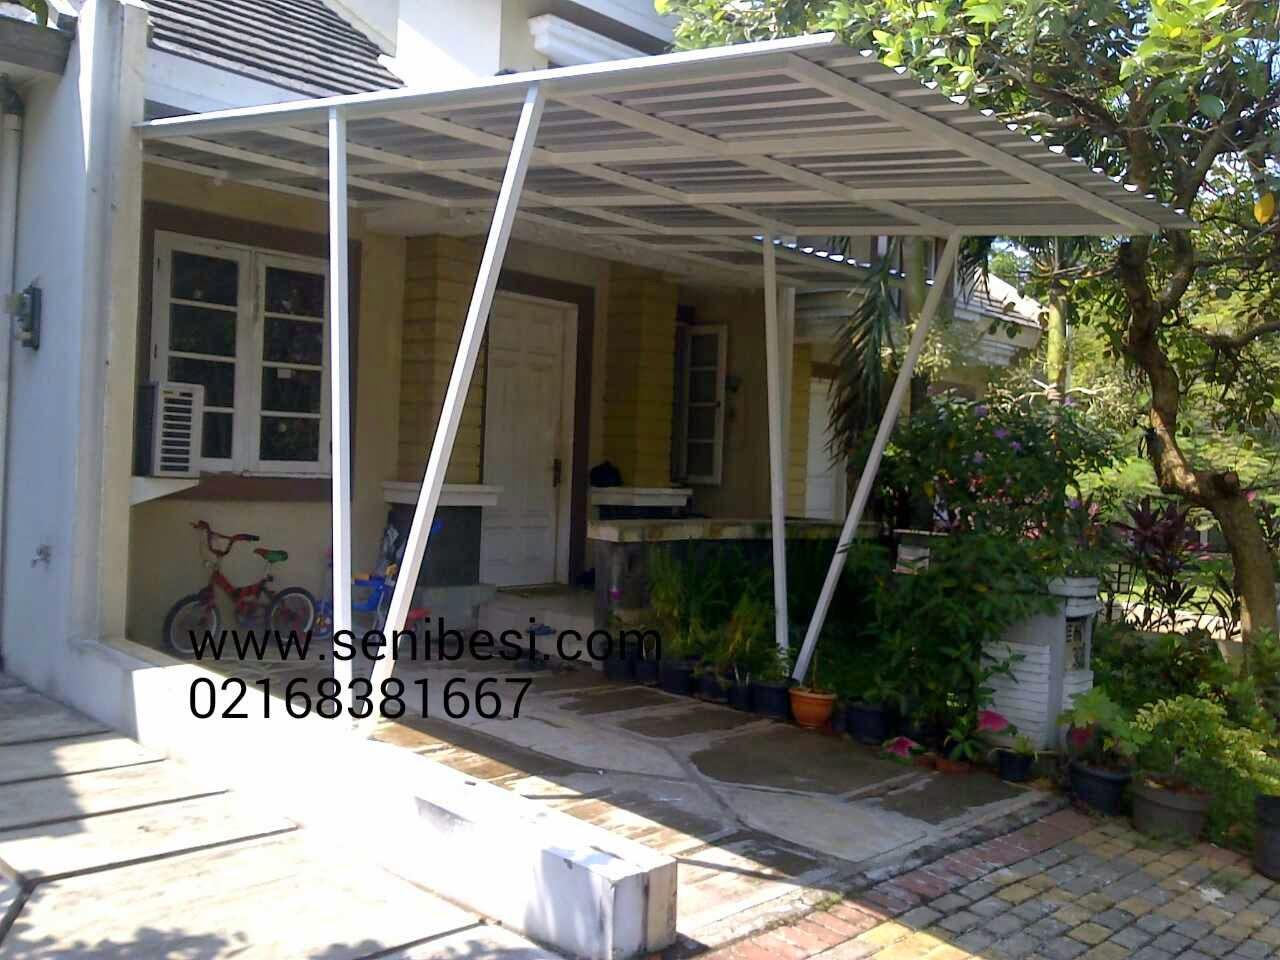 Kanopi Baja Ringan Untuk Rumah Minimalis Canopy Carport,kanopi: ,canopy Carport,kanopi ...